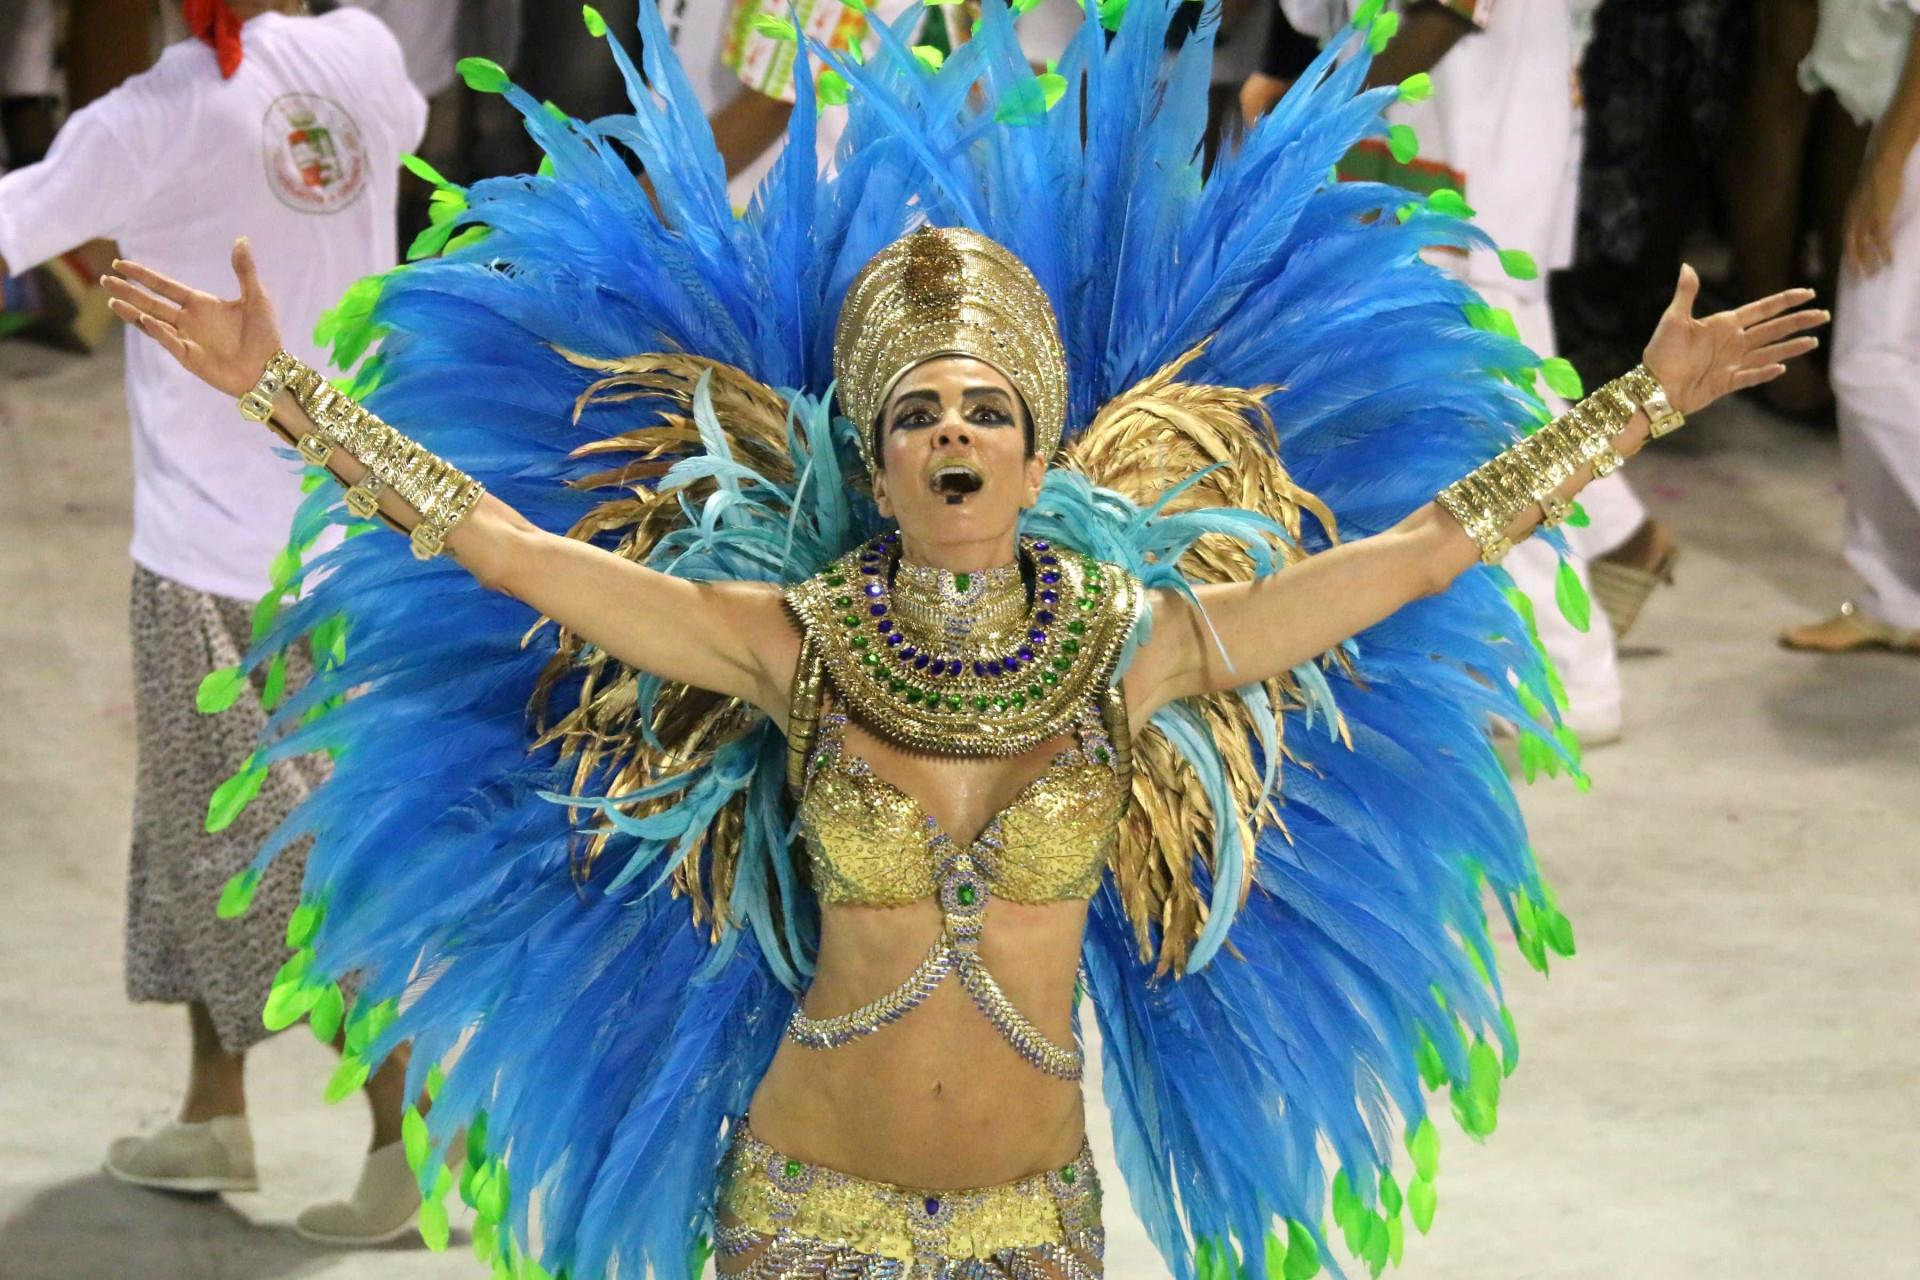 Desfile das campeãs do Rio reúne famosos, confira